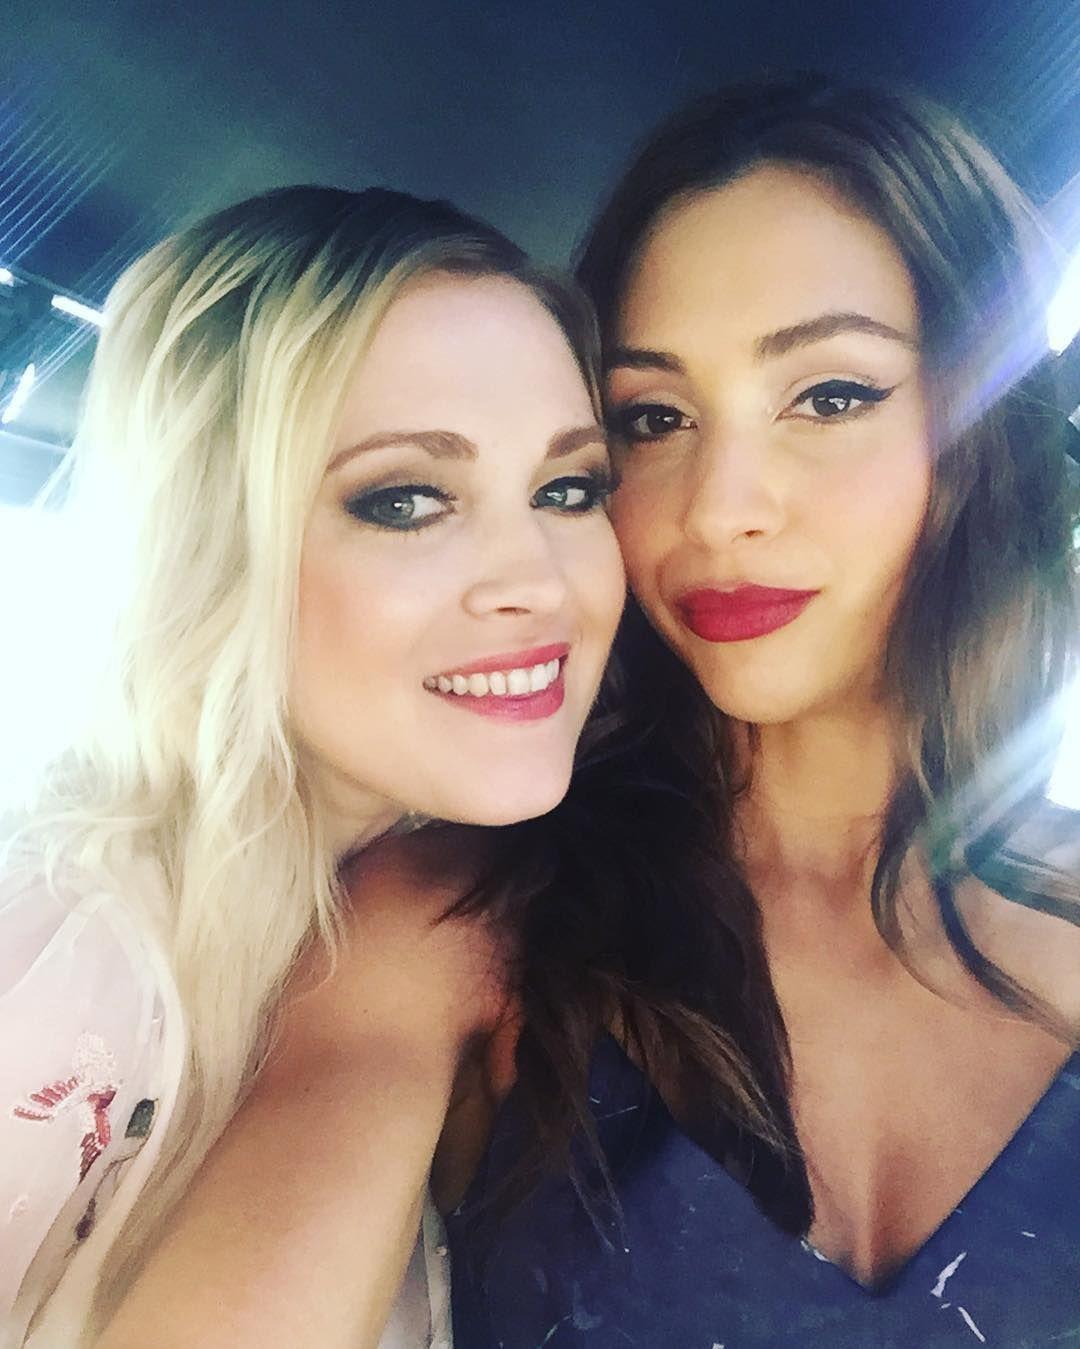 Selfie Eliza Taylor nude photos 2019